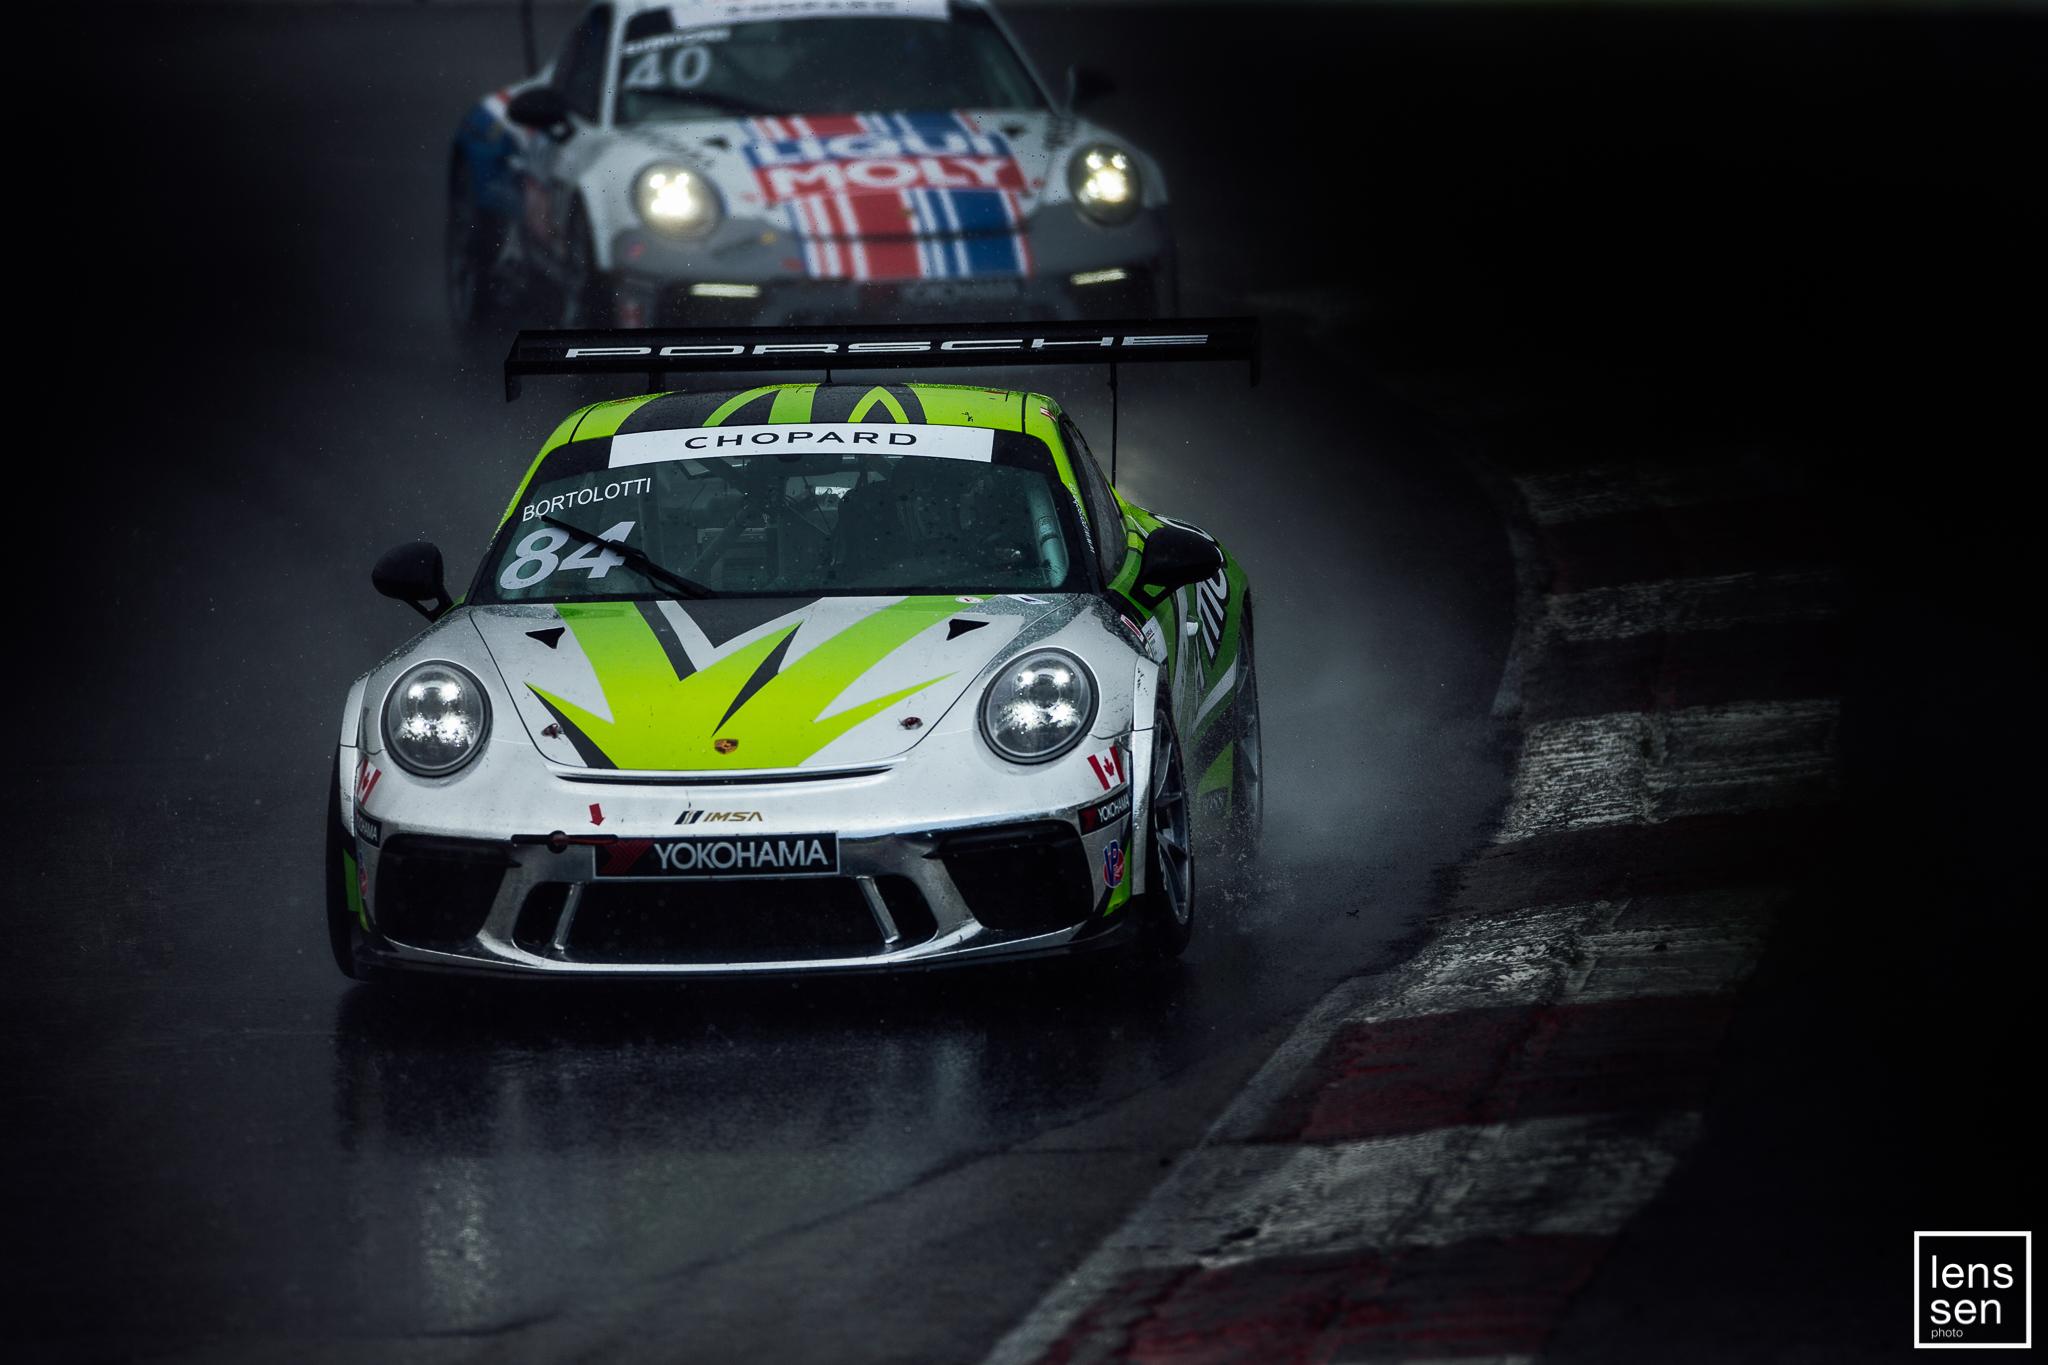 Porsche GT3 Cup Challenge Canada - 052019 - CTMP Mosport VDS 2019 - Lenssen Photo - 242 -0435.jpg